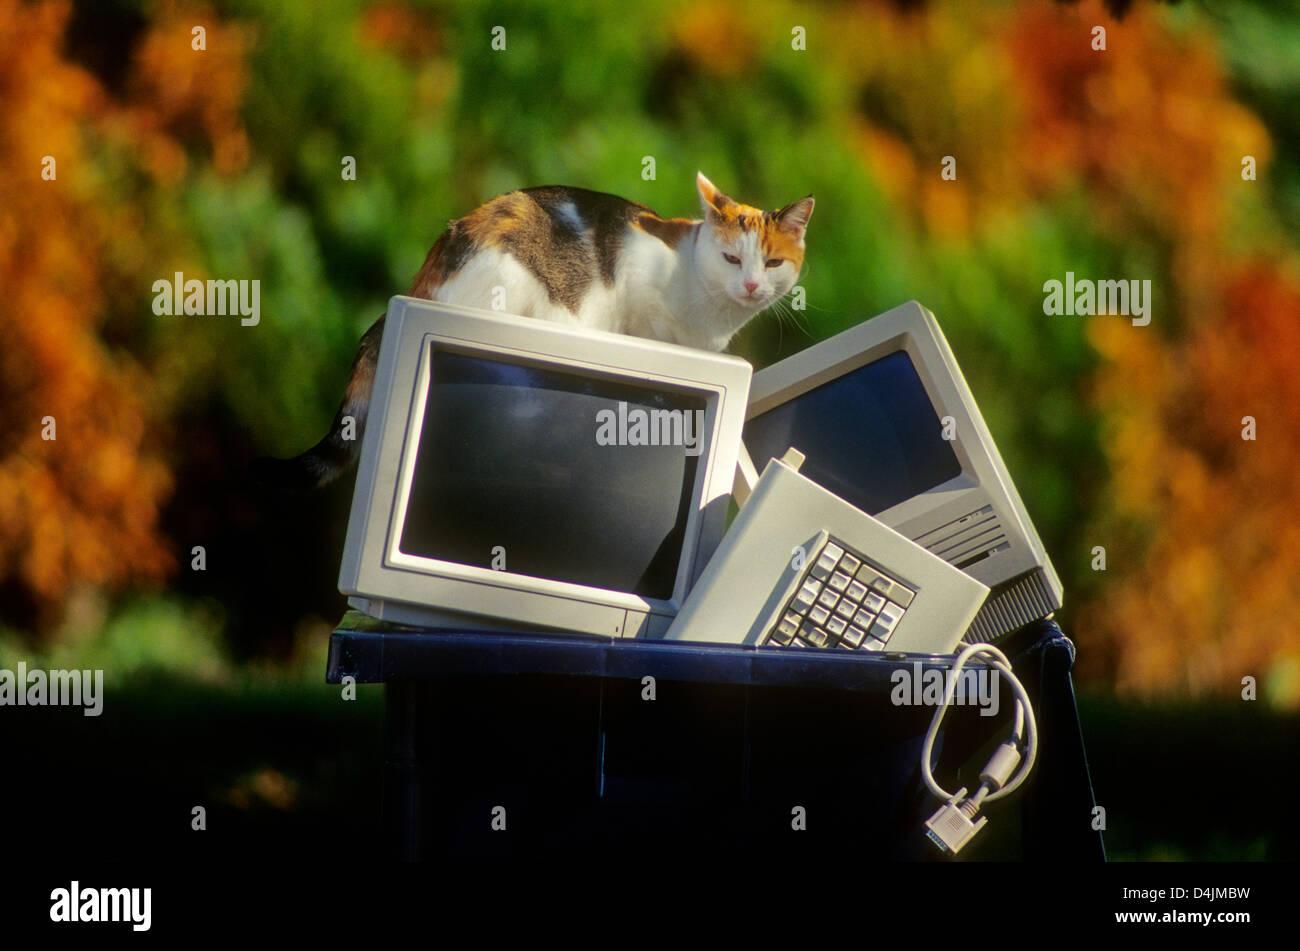 Pantalla de ordenador viejo tirado en la papelera de reciclaje bin. Imagen De Stock